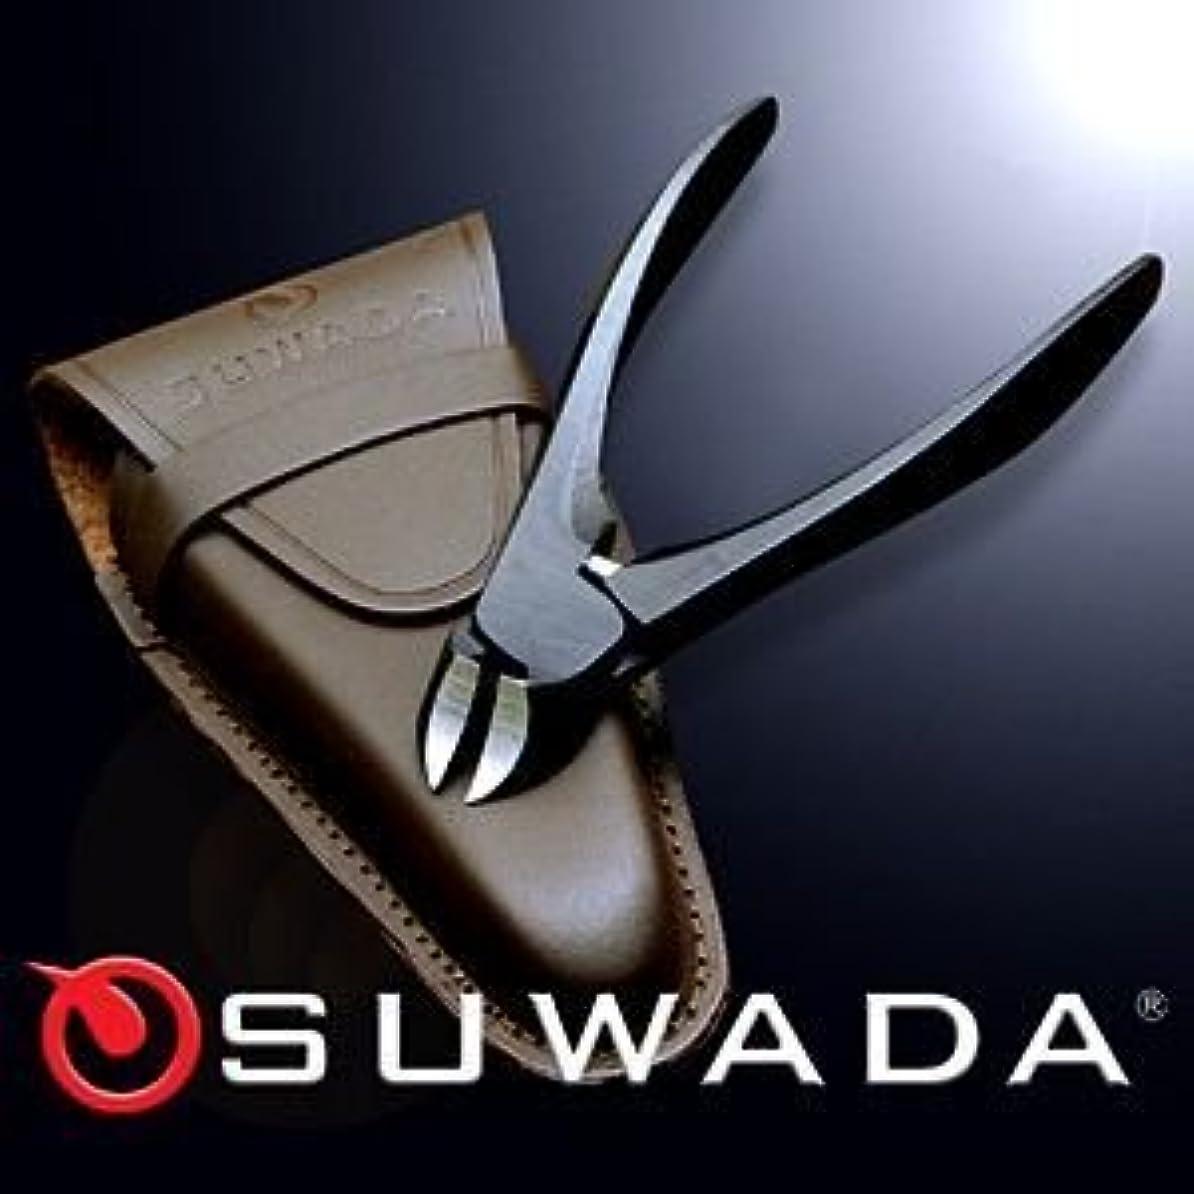 送った飾る広々SUWADA爪切りブラックL&革ケースセット 特注モデル 諏訪田製作所製 スワダの爪切り